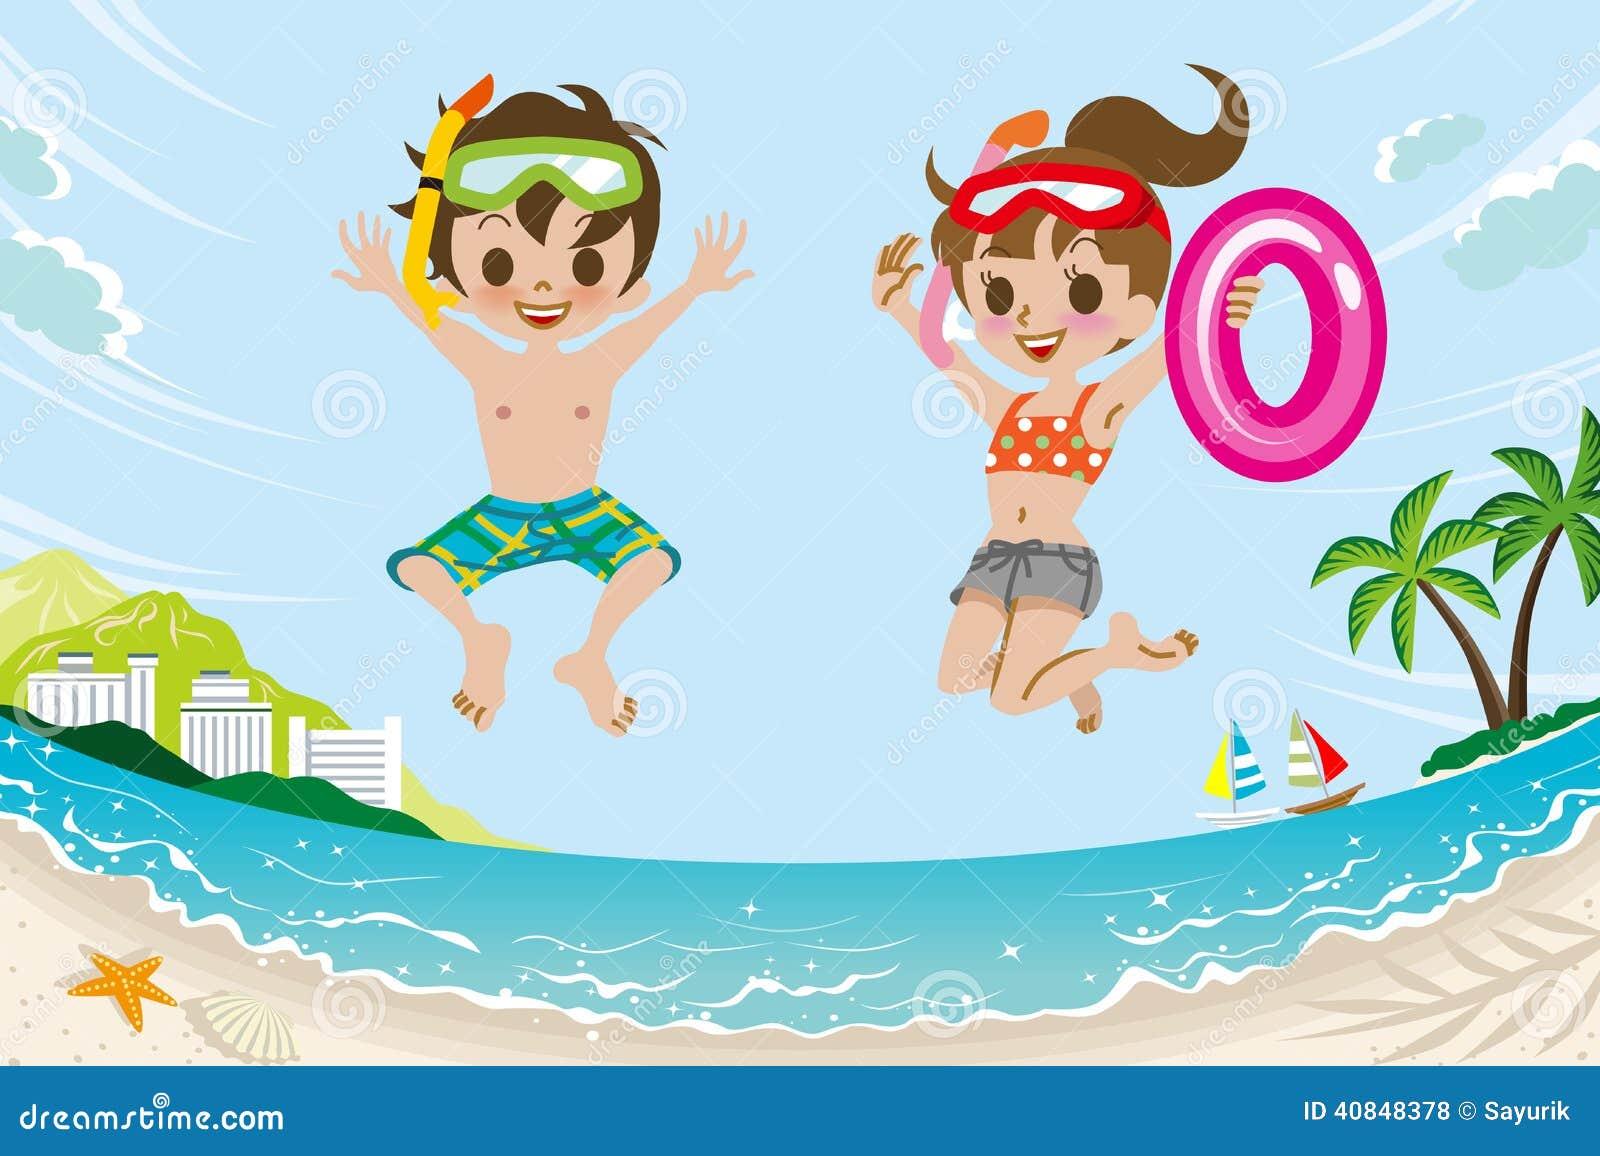 Картинки детей летом на пляже